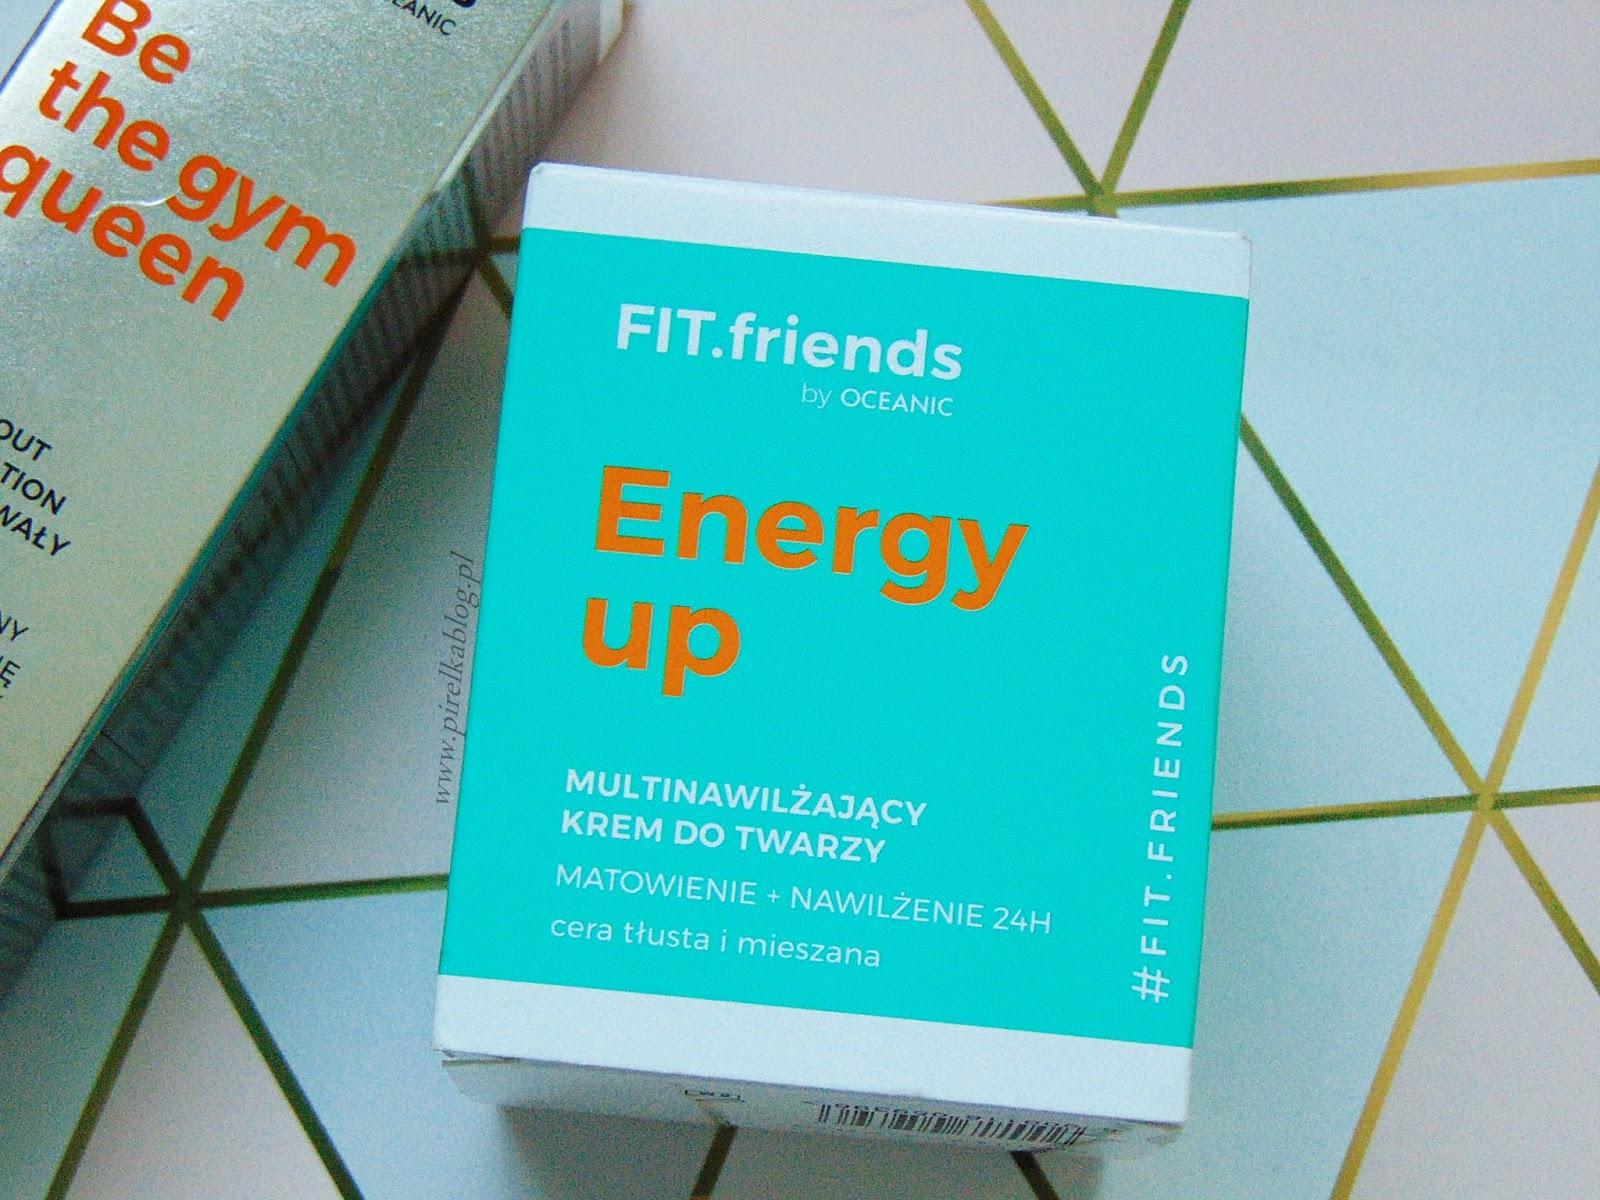 FIT friends by Oceanic, Energy UP - multinawilżający krem do twarzy